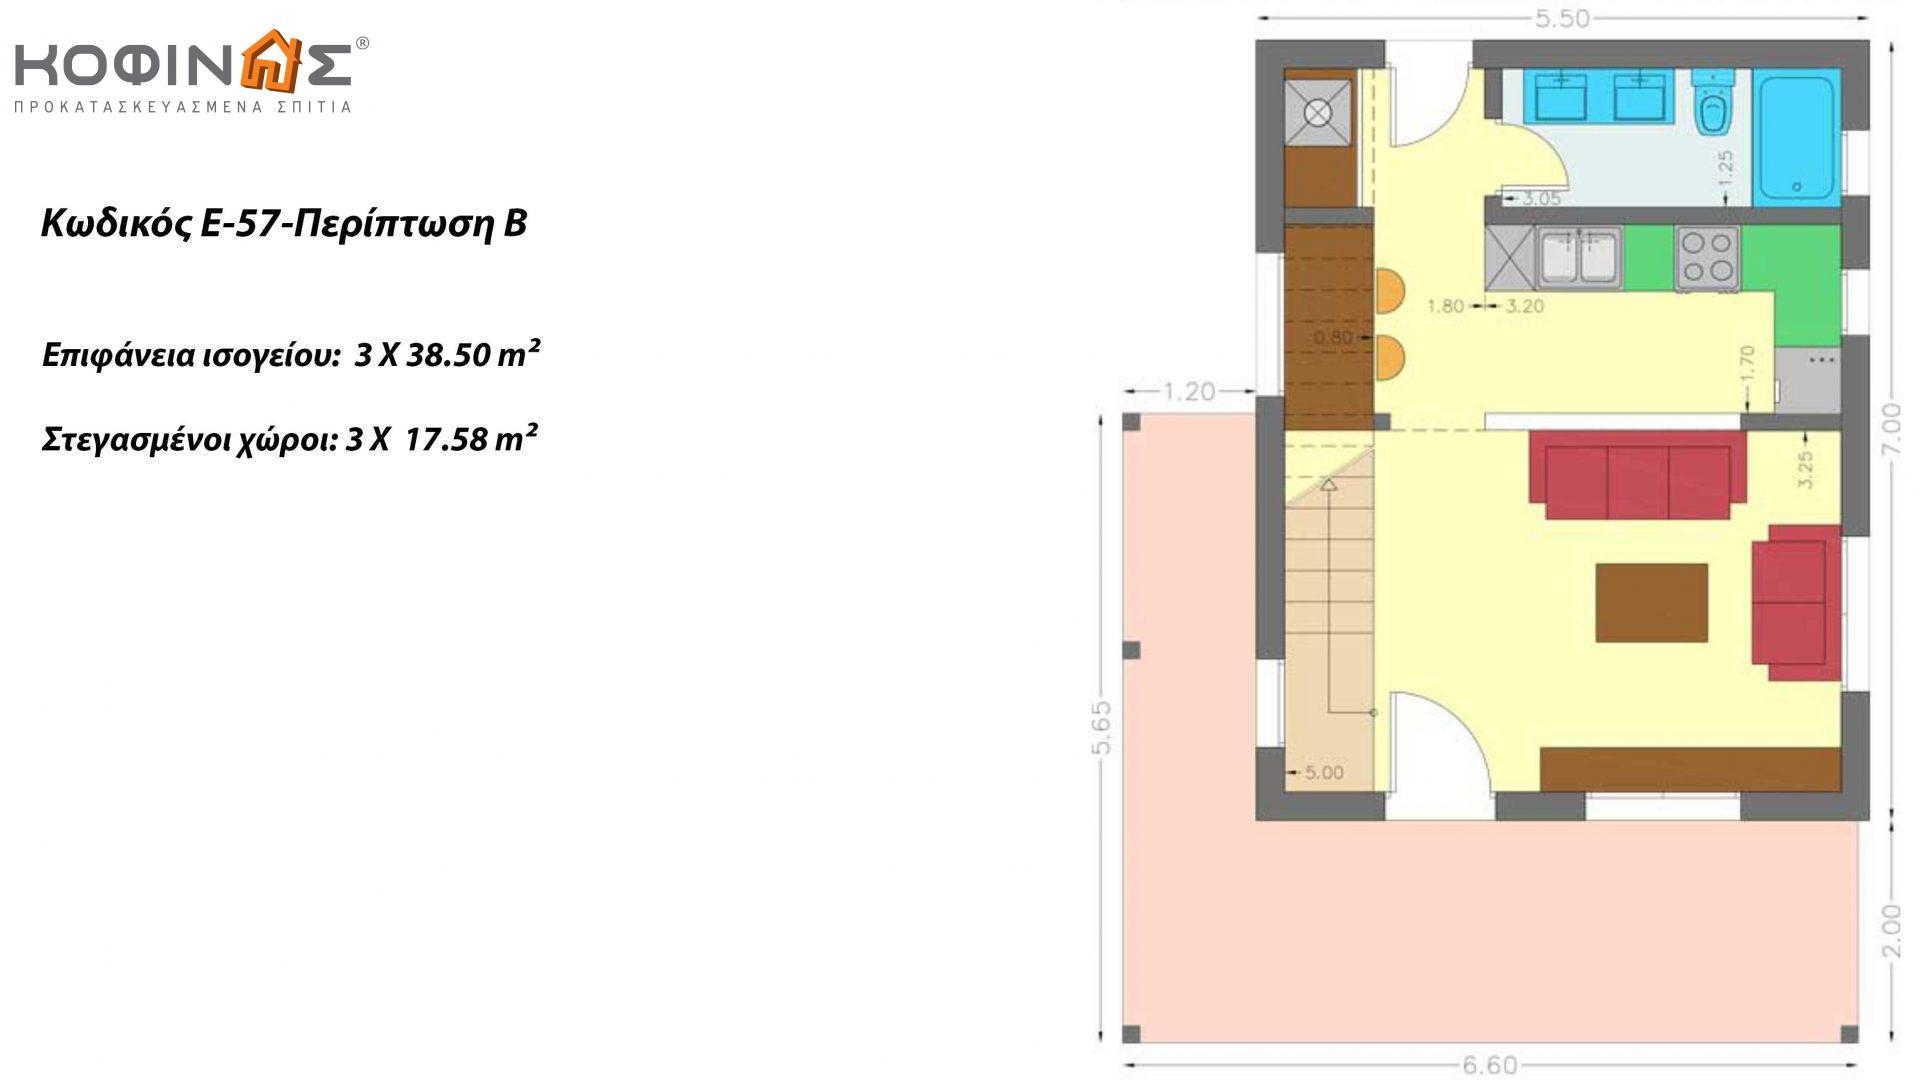 Συγκρότημα Κατοικιών E-57, συνολικής επιφάνειας 3 x 57,75 = 173,25 τ.μ., συνολική επιφάνεια στεγασμένων χώρων 54.74 τ.μ.